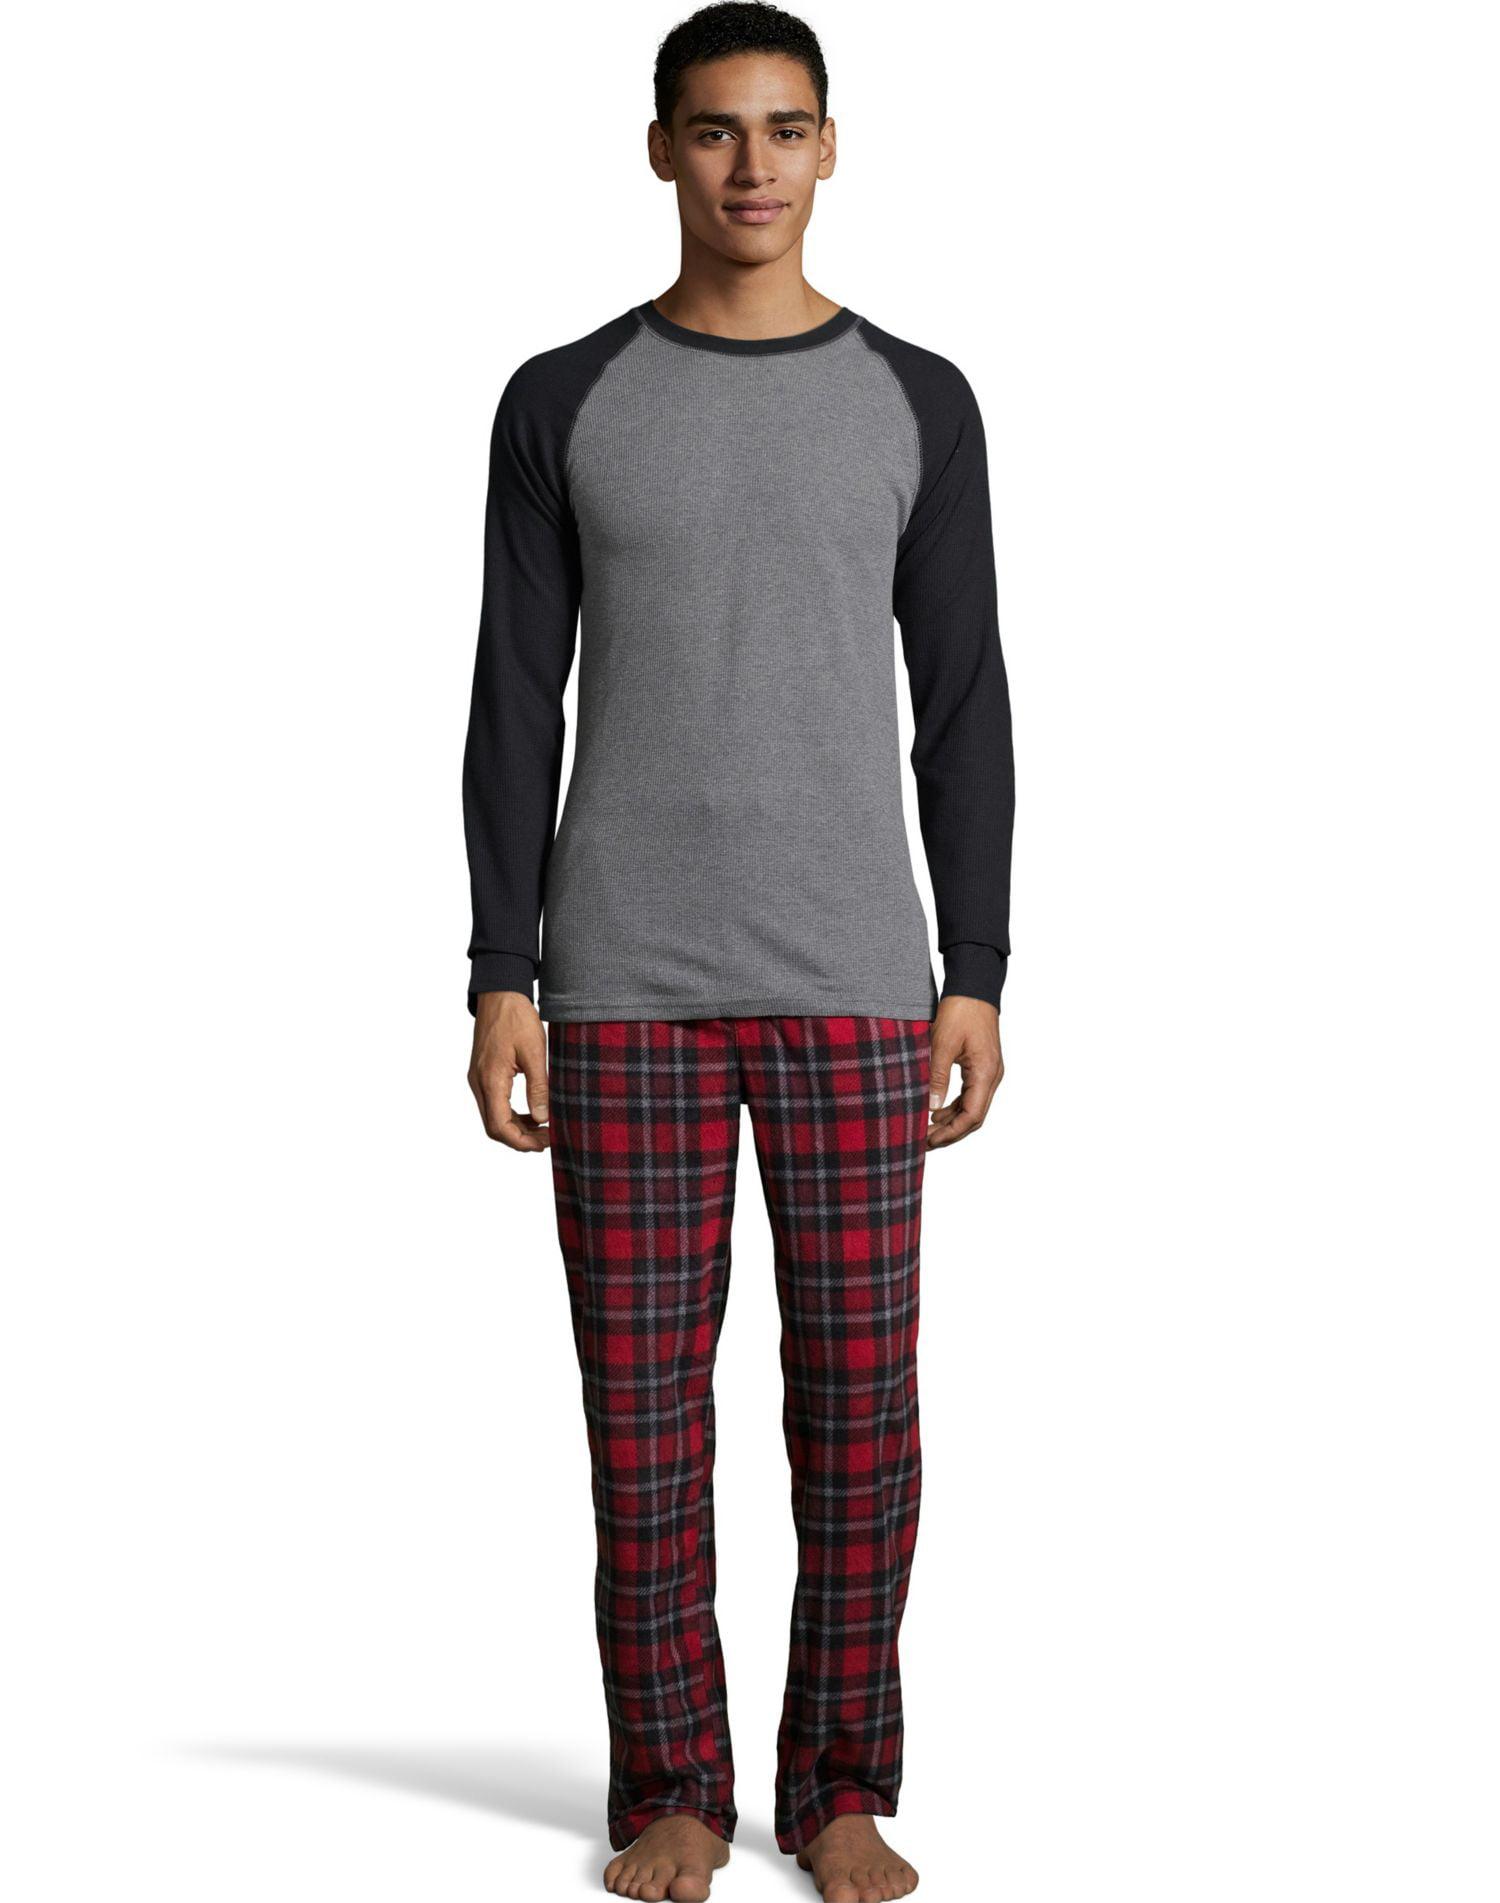 Hanes Mens Big and Tall X Temp Micro Fleece Pajama Set